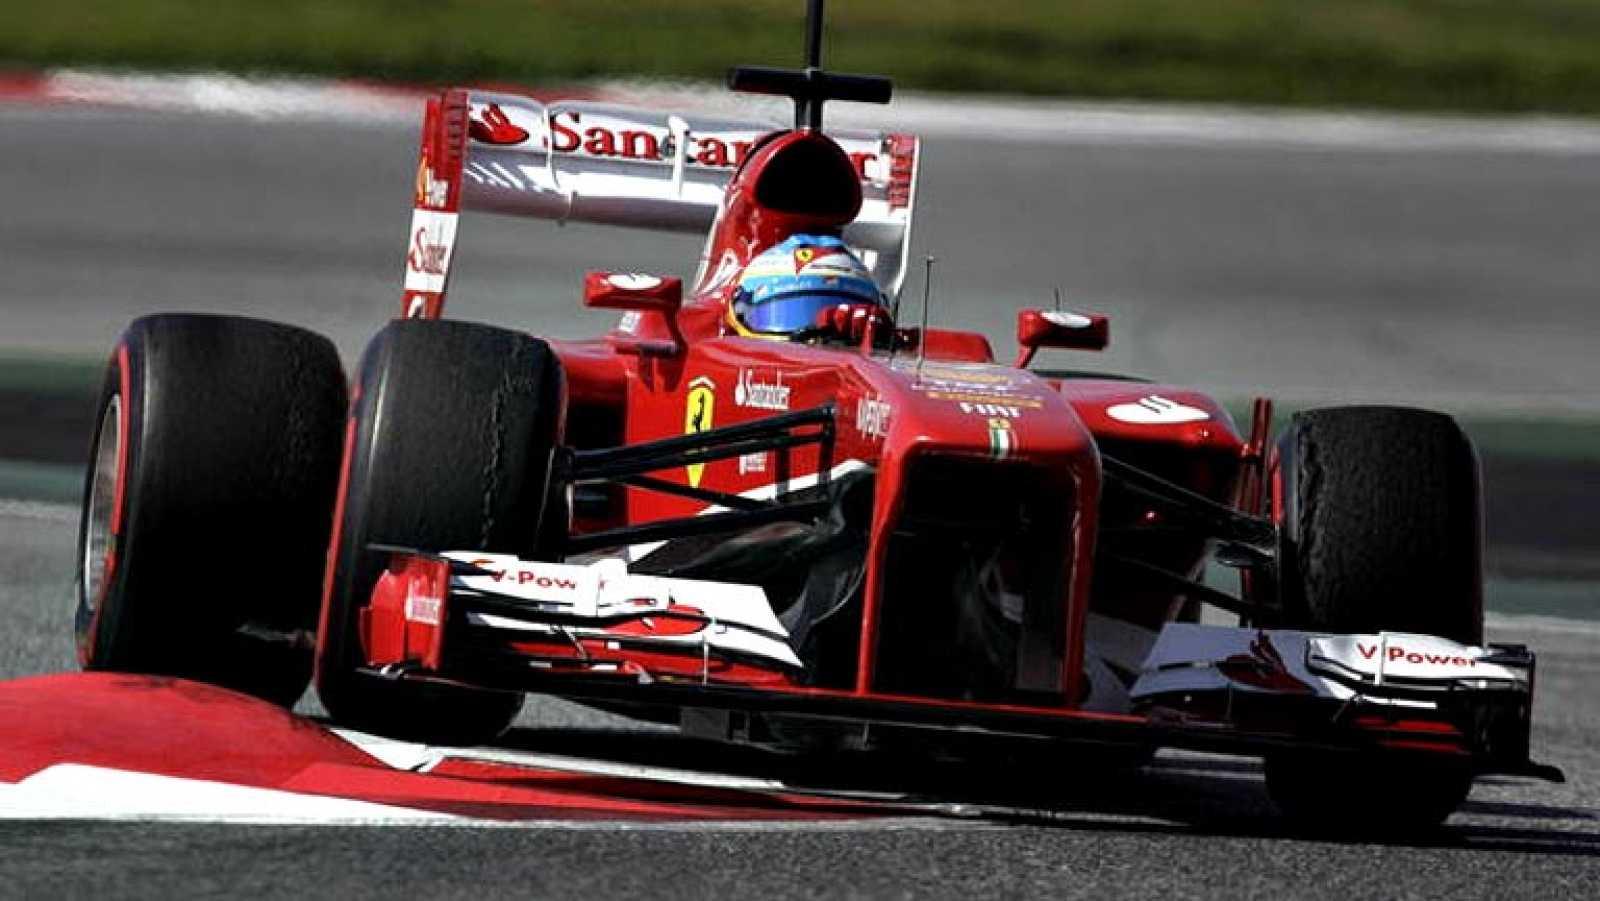 7836a2498 Para todos los públicos Se pone en marcha una nueva temporada del  Campeonato Mundial de Fórmula 1